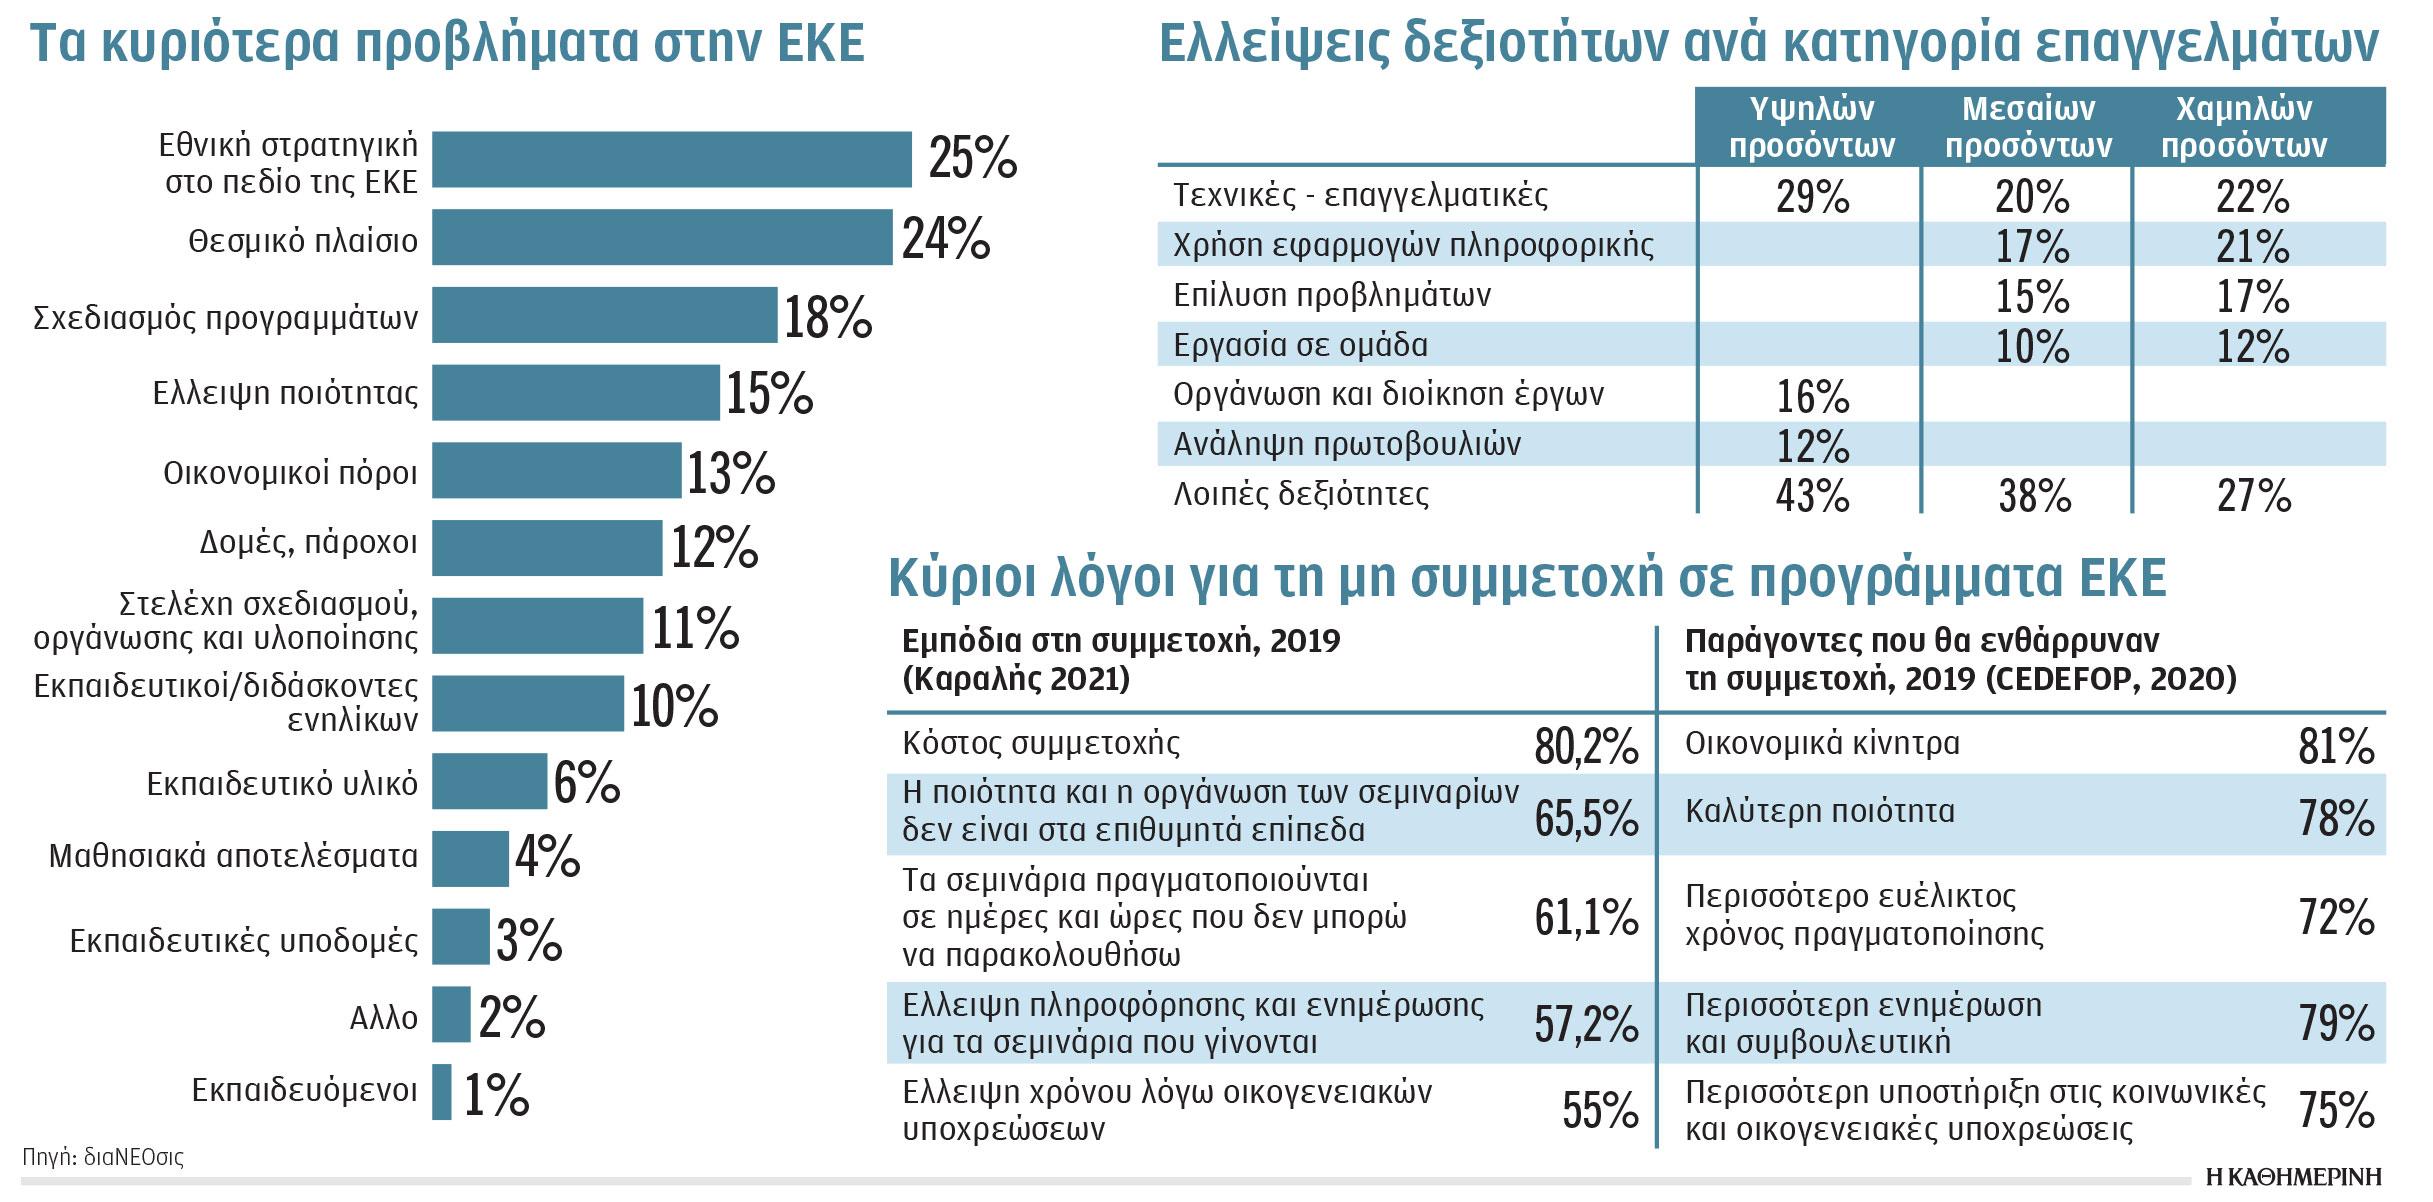 eyropaikos-deiktis-dexiotiton-menoyme-stin-idia-taxi1